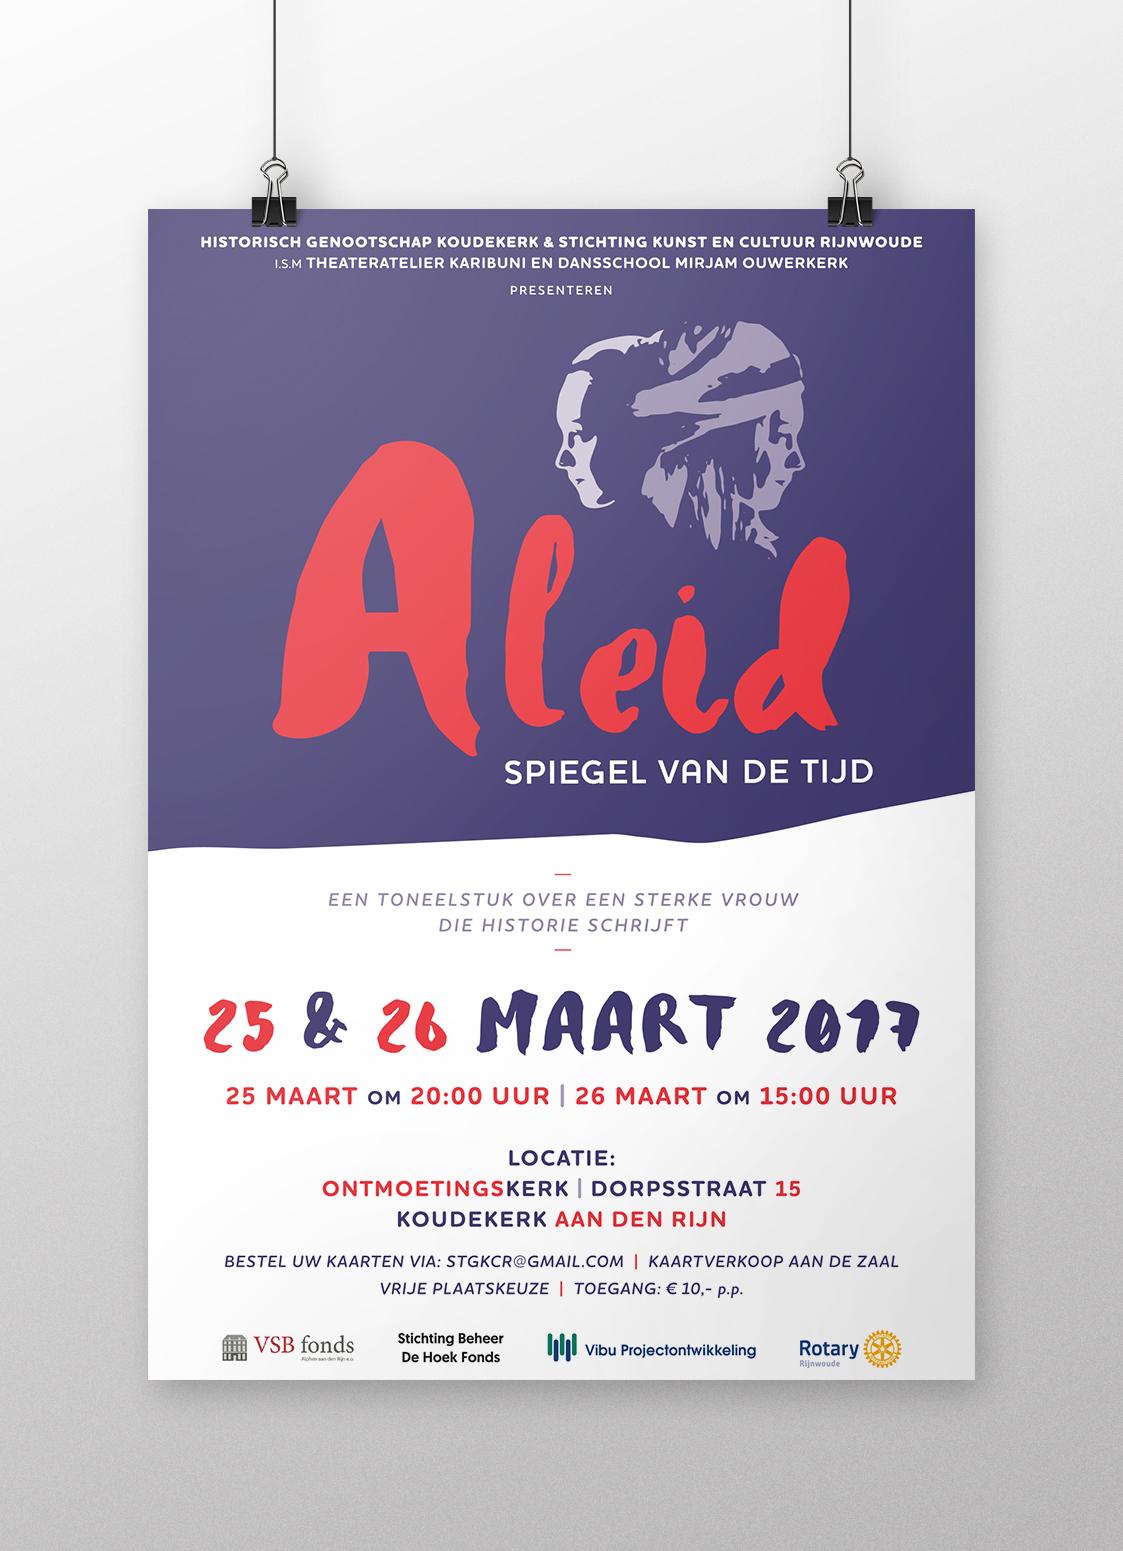 Theaterproductie 'Aleid - Spiegel van de tijd' poster